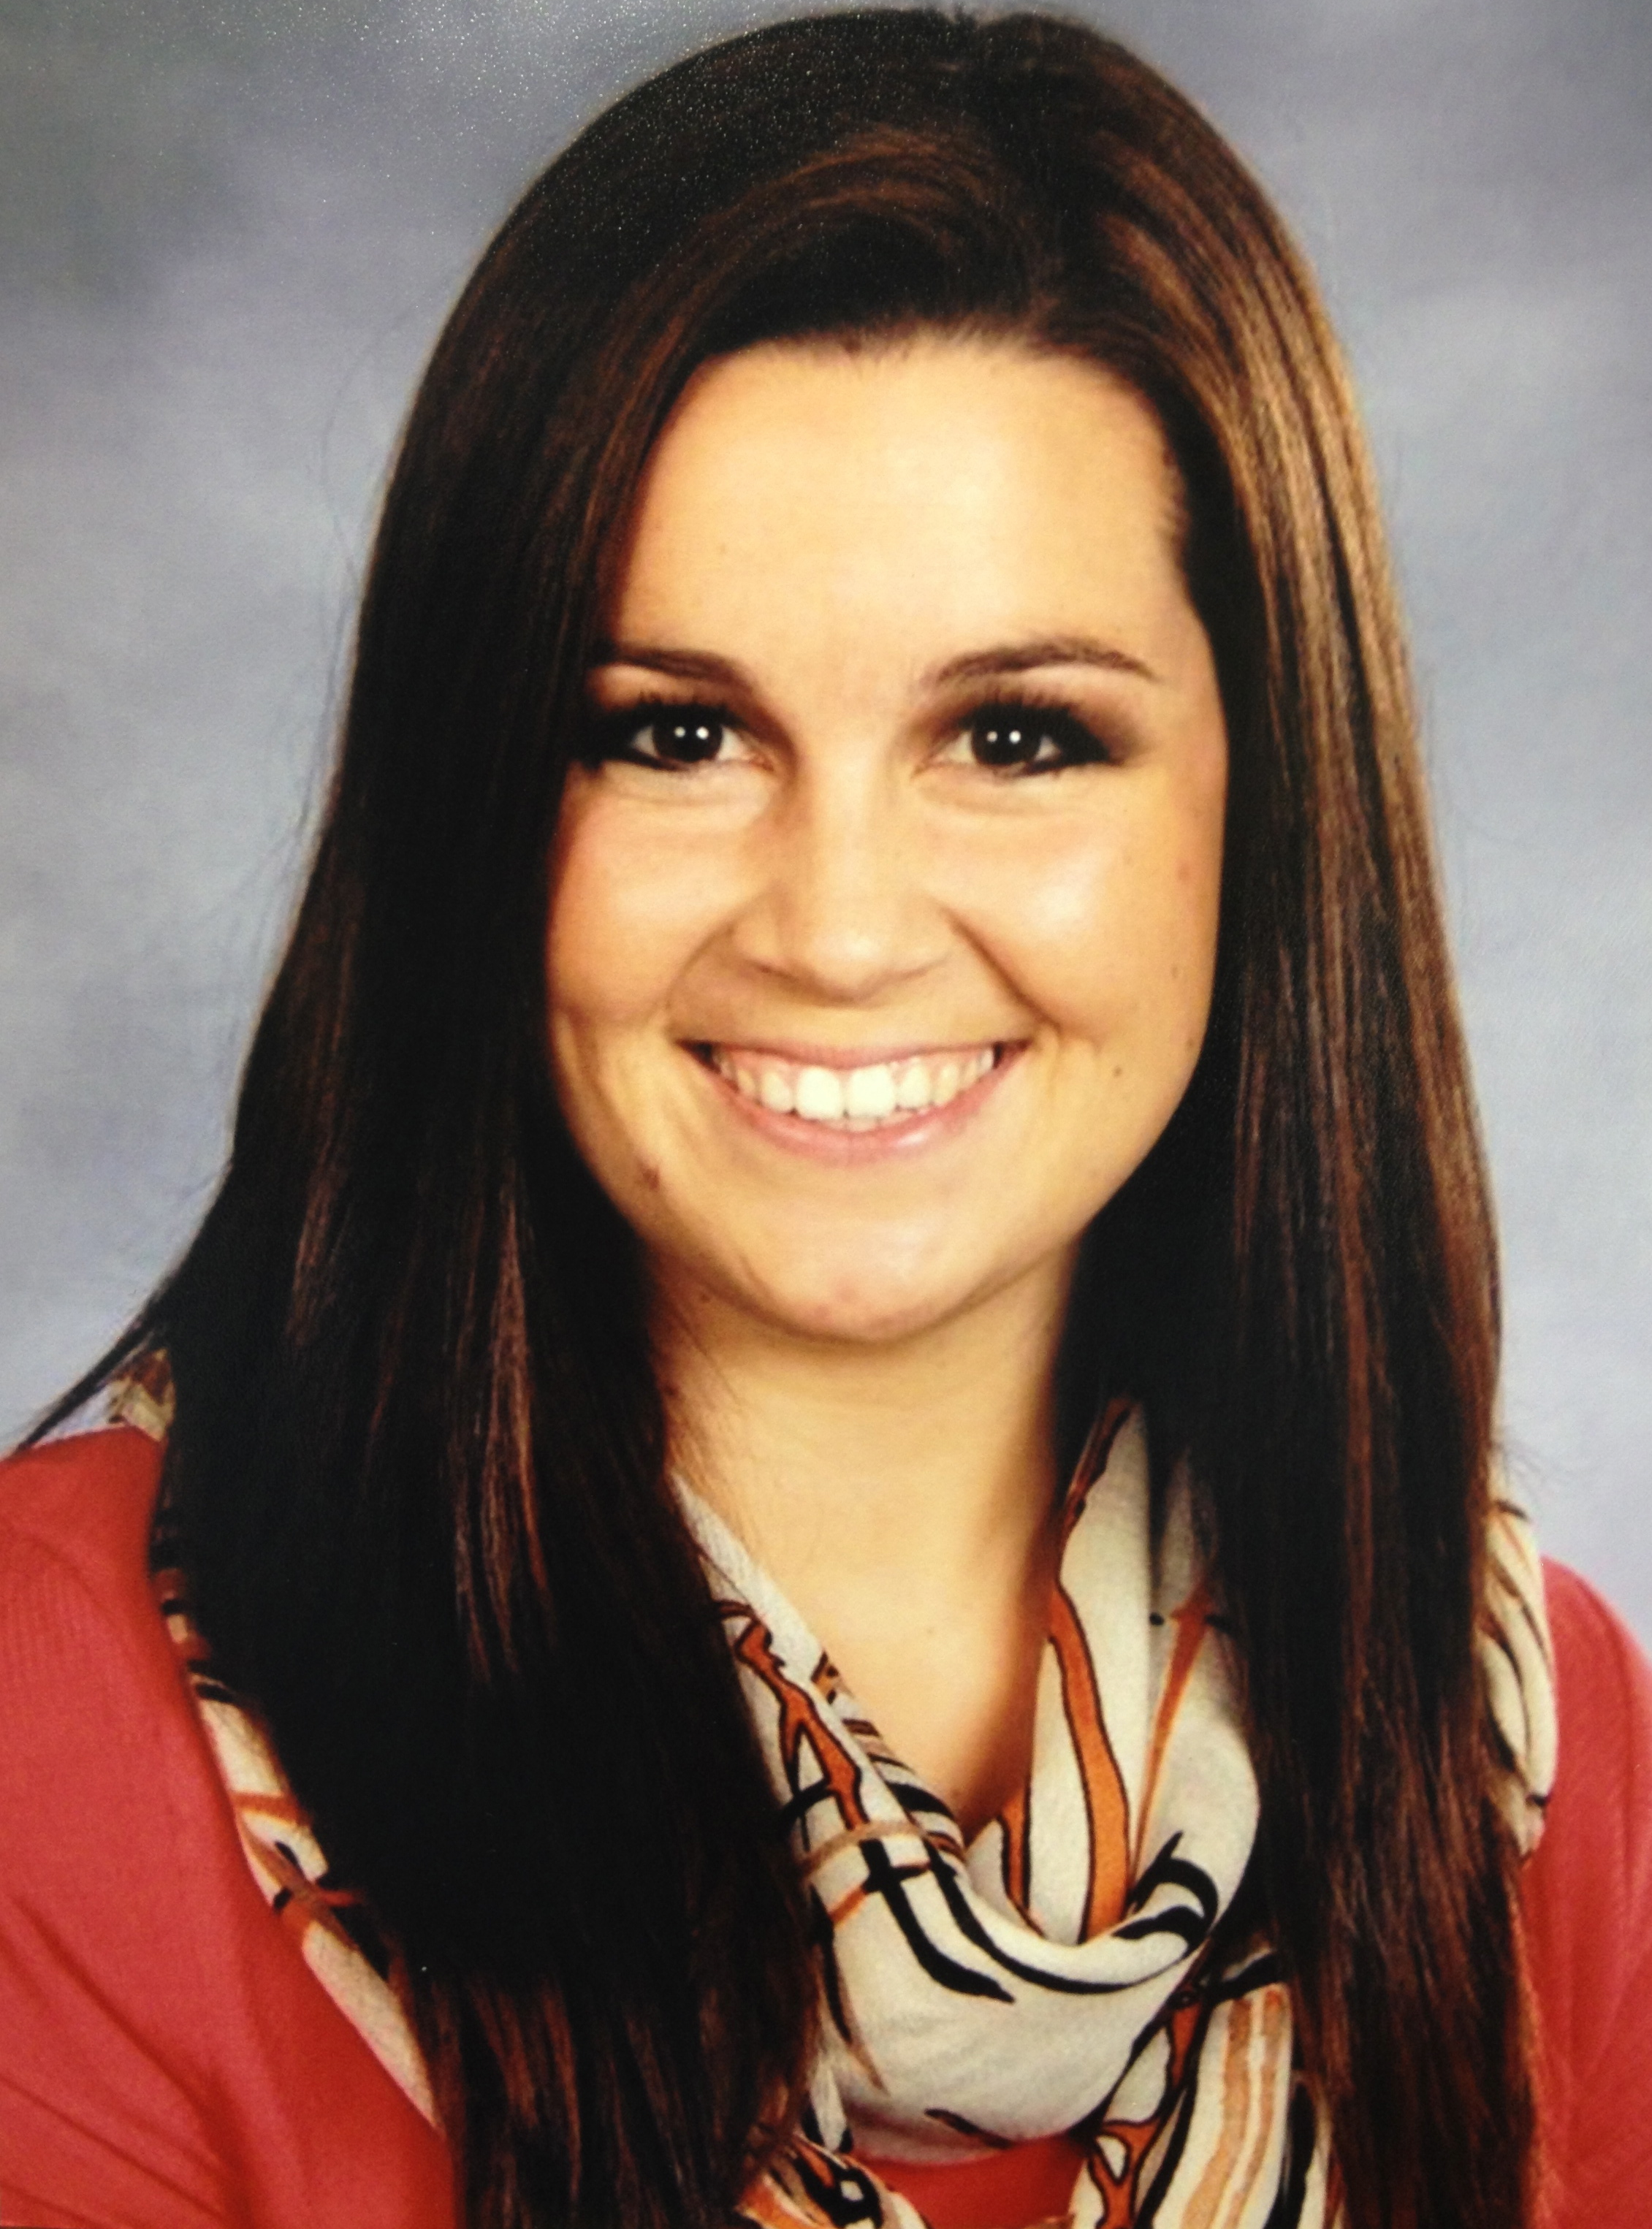 Kelly DeLauder Pohly '06